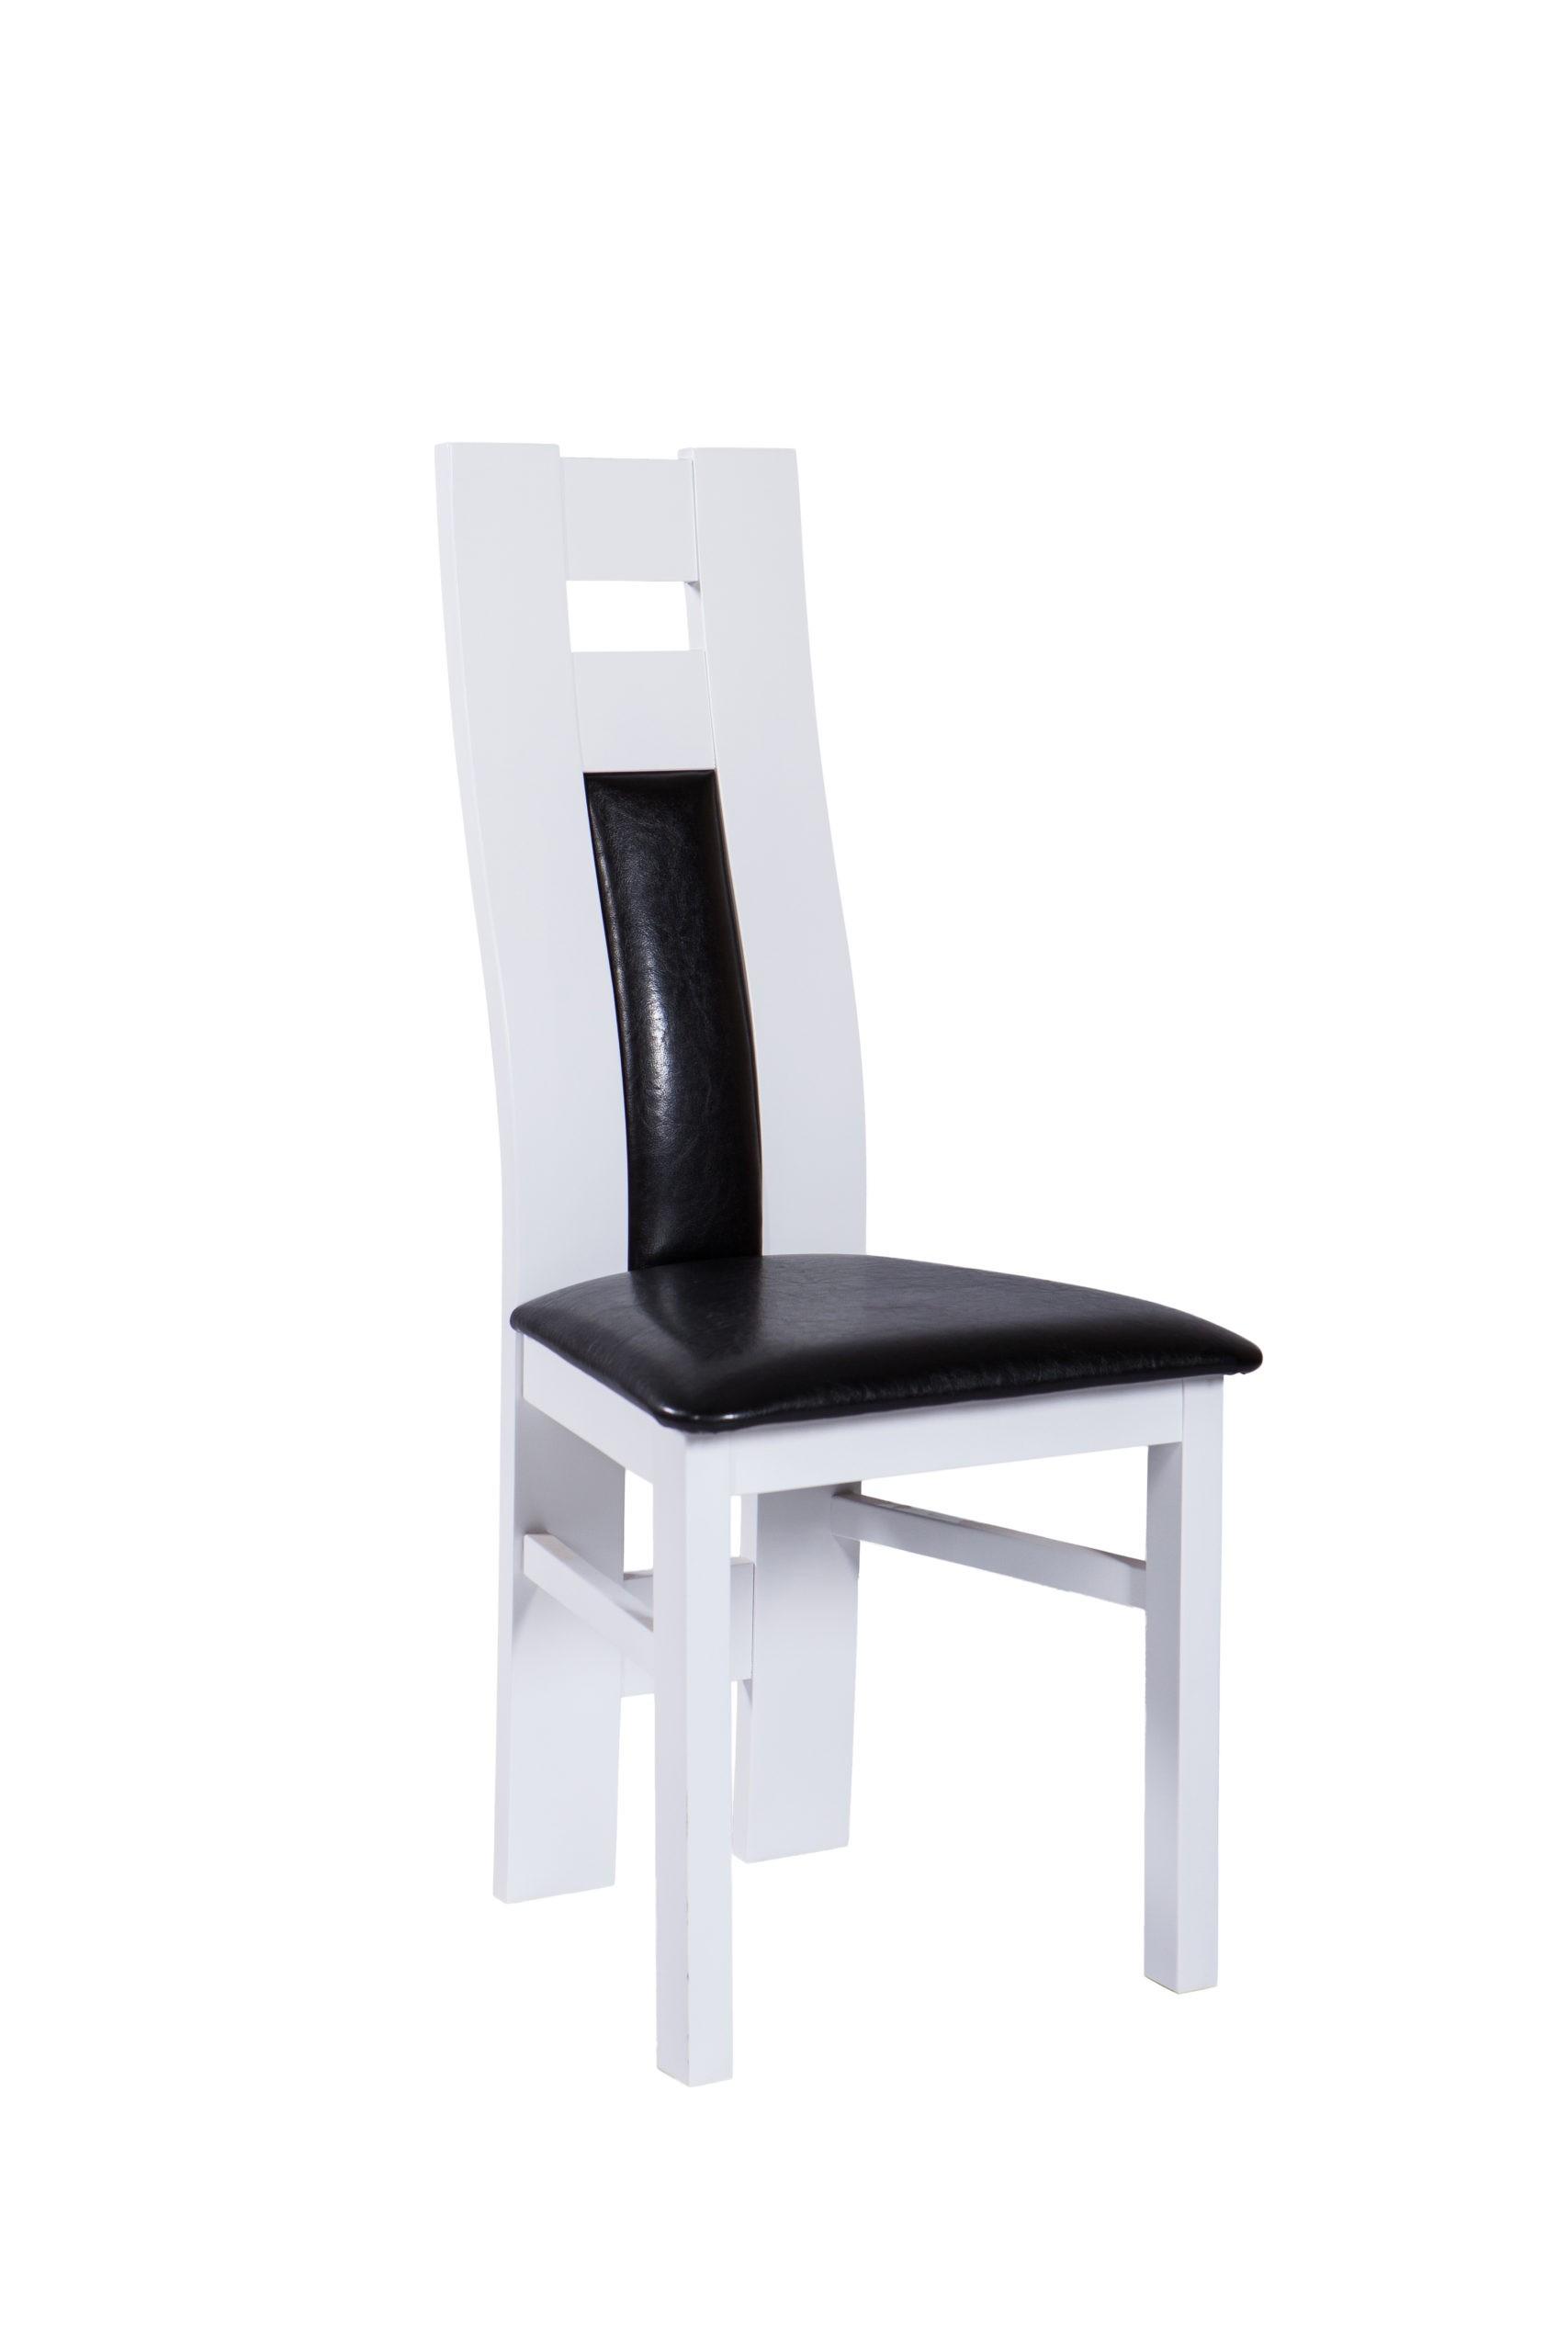 Krzesło MR 340 z długim oparciem drewnianym w białym kolorze